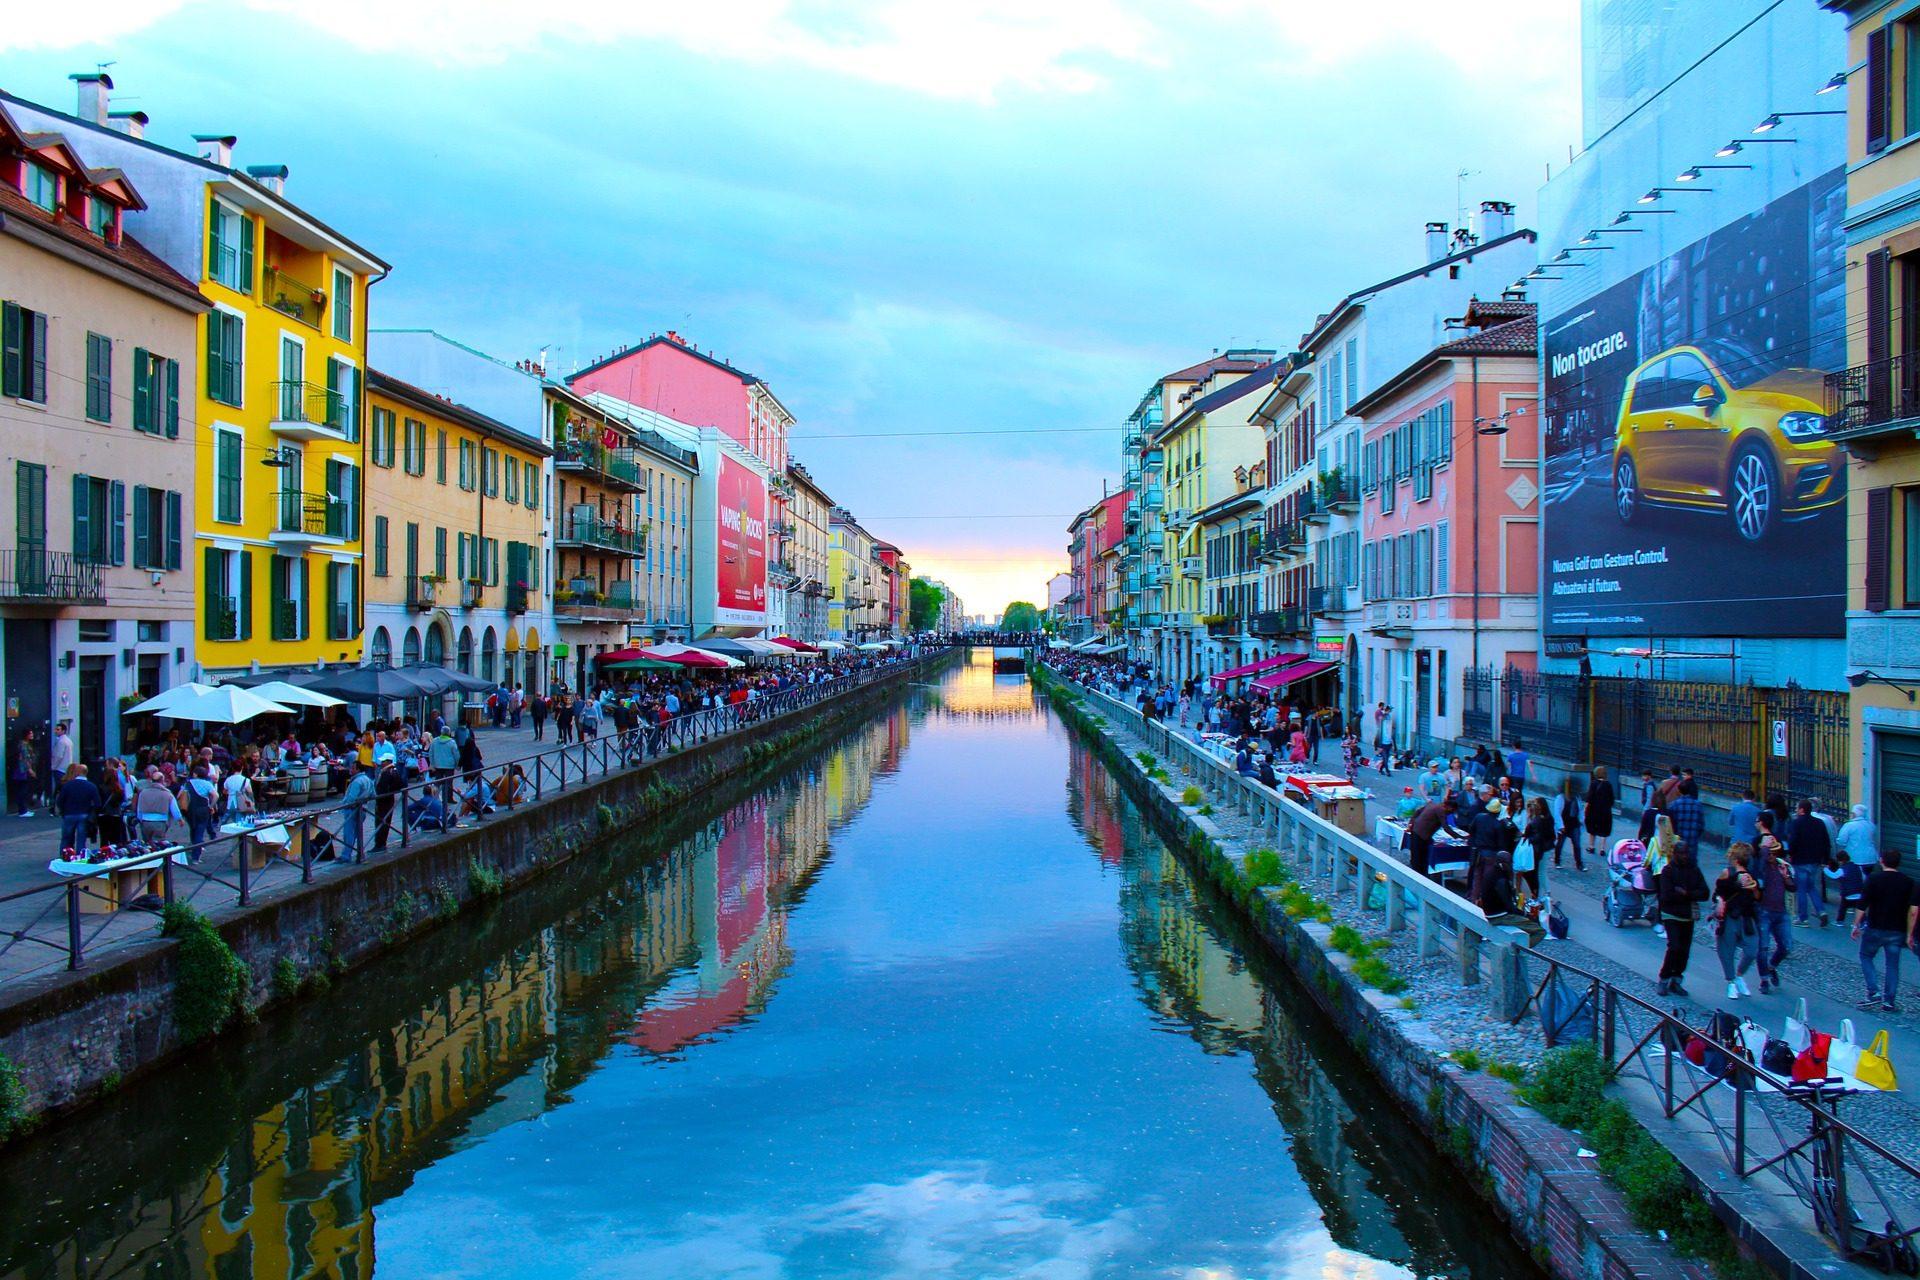 نهر, قناة, مدينة, السياحة, الشعب, ميلان - خلفيات عالية الدقة - أستاذ falken.com